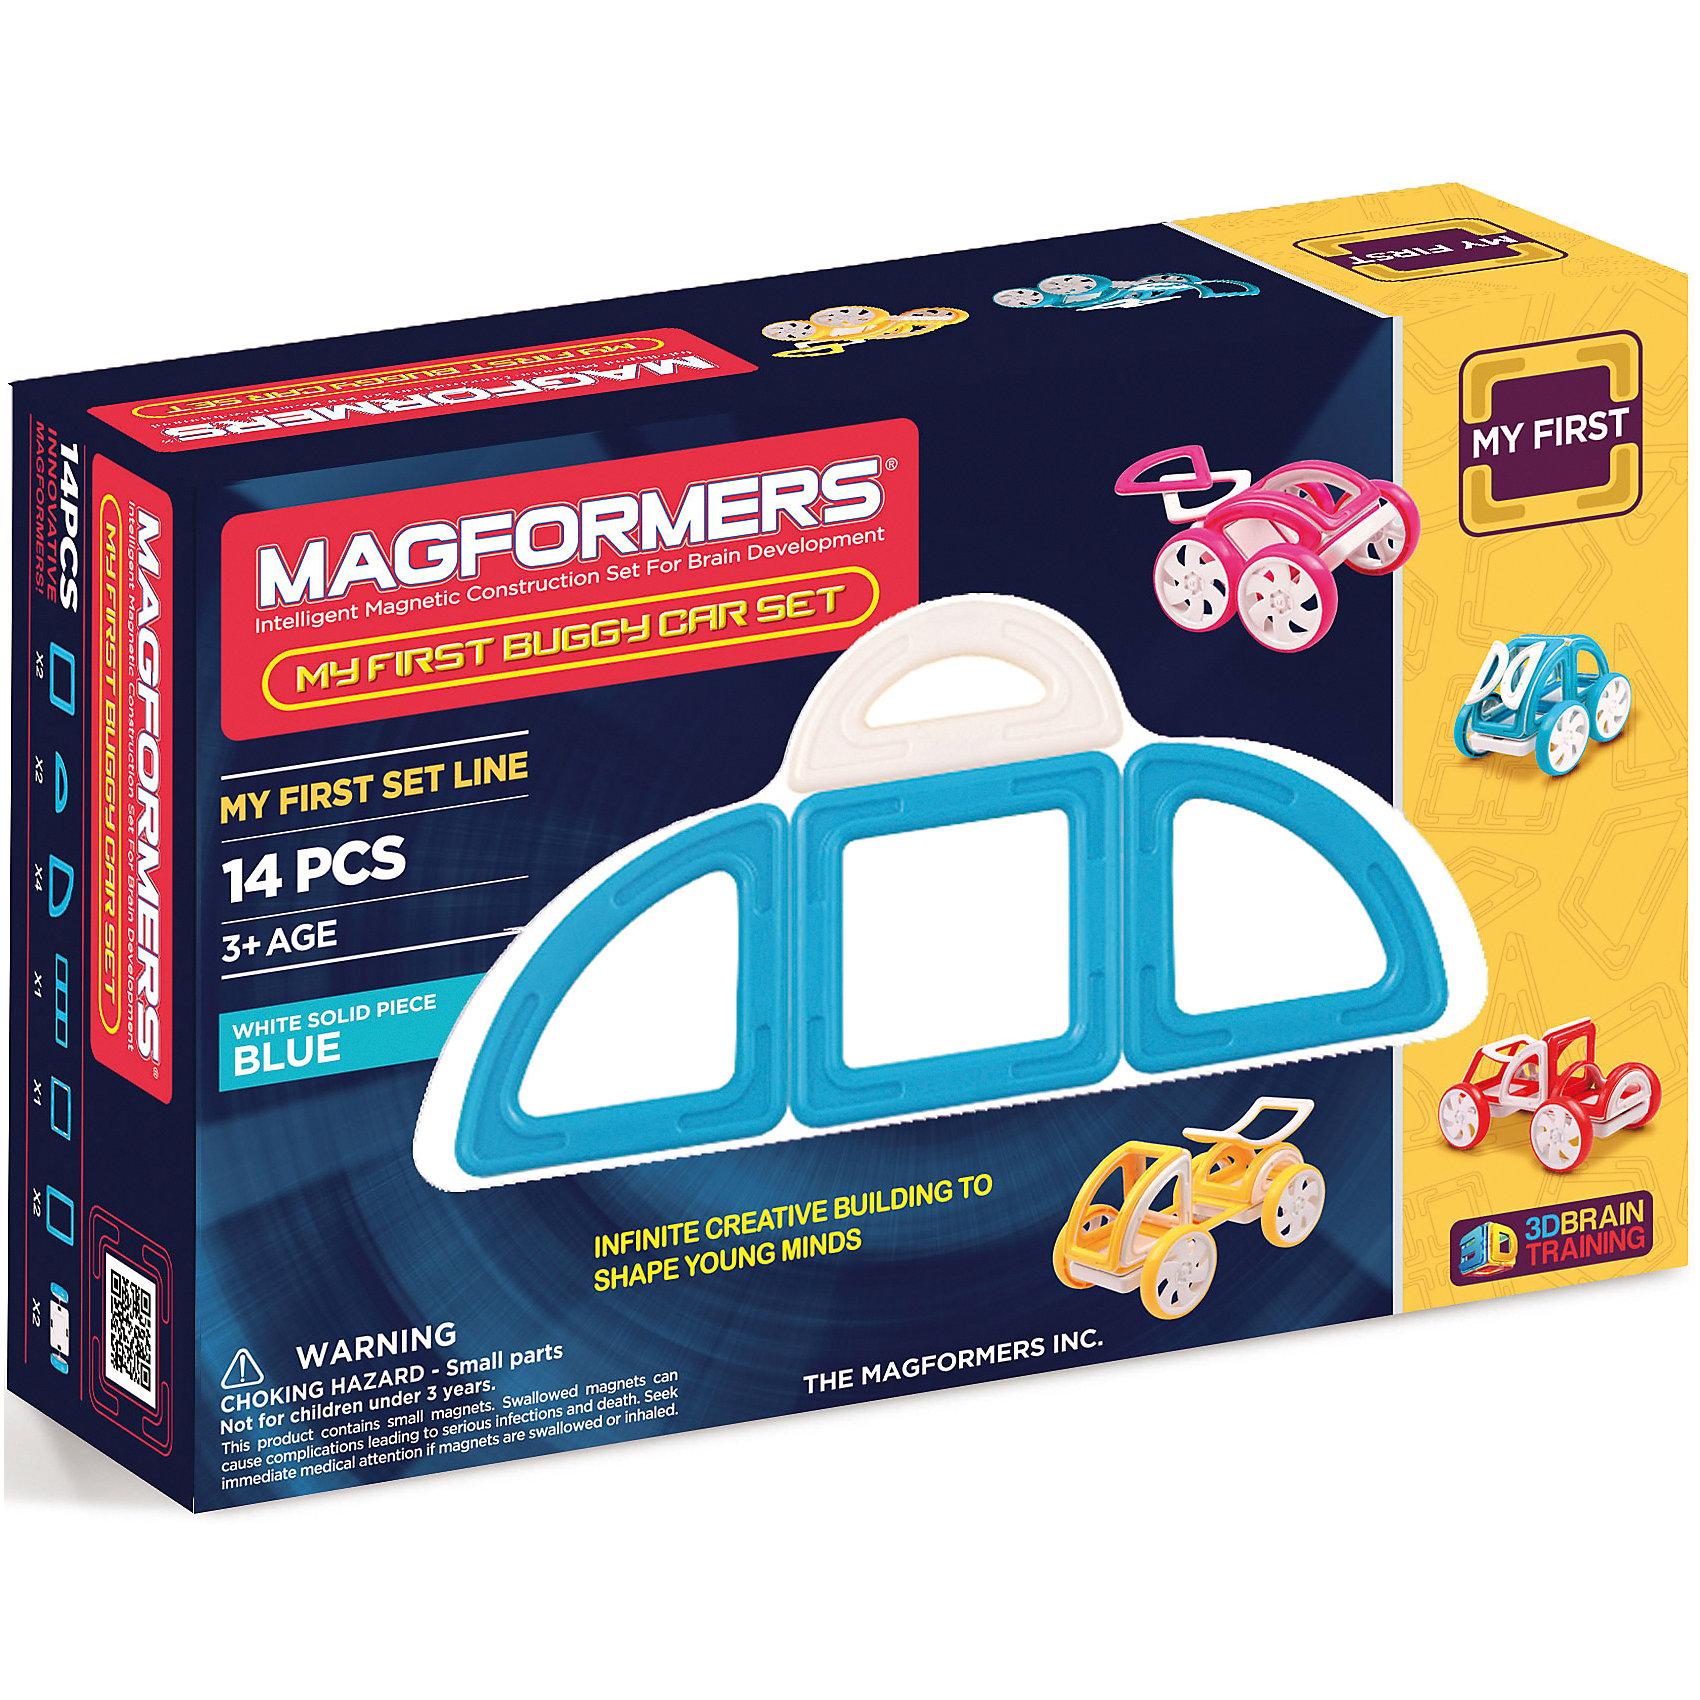 Магнитный конструктор My First Buggy, желтый, MAGFORMERSНабор My First Buggy Car Set из серии Мой Первый Магформерс отлично подойдет для начала знакомства с развивающим конструктором!<br> Он включает в себя великолепно иллюстрированные карточки, которые познакомят Вас с принципами конструирования из Магформерс и покажут, как собрать разнообразные машинки Багги - для передвижения по песчаным прибрежным дюнам, для гонок по бездорожью или по пересеченной местности. Детали выполнены в ярких тонах: желтый, голубой, красный и розовый с одной стороны и белый цвет с другой стороны. Необычные приключения ждут Вашего ребенка с новым набором Magformers My First Buggy Car Set<br><br>Дополнительная информация:<br><br>- Количество деталей: 14 шт. <br>- Квадраты: 2 шт. <br>- Суперпрямоугольники: 1 шт. <br>- Секторы: 4 шт. <br>- Арки: 2 шт. <br>- Половина арки: 1 шт. <br>- Полукруг: 2 шт. <br>- Пара колес: 2 шт. <br>- Возраст: от 3 лет <br>- Цвет: желтый.<br>- Материал: прочный пластик <br>- Размер упаковки: 34х12х2 см <br>- Вес в упаковке: 0.4 кг. <br><br>Купить магнитный конструктор My First Buggy MAGFORMERS желтого цвета, можно в нашем магазине.<br><br>Ширина мм: 180<br>Глубина мм: 270<br>Высота мм: 80<br>Вес г: 650<br>Возраст от месяцев: 36<br>Возраст до месяцев: 192<br>Пол: Унисекс<br>Возраст: Детский<br>SKU: 4730852